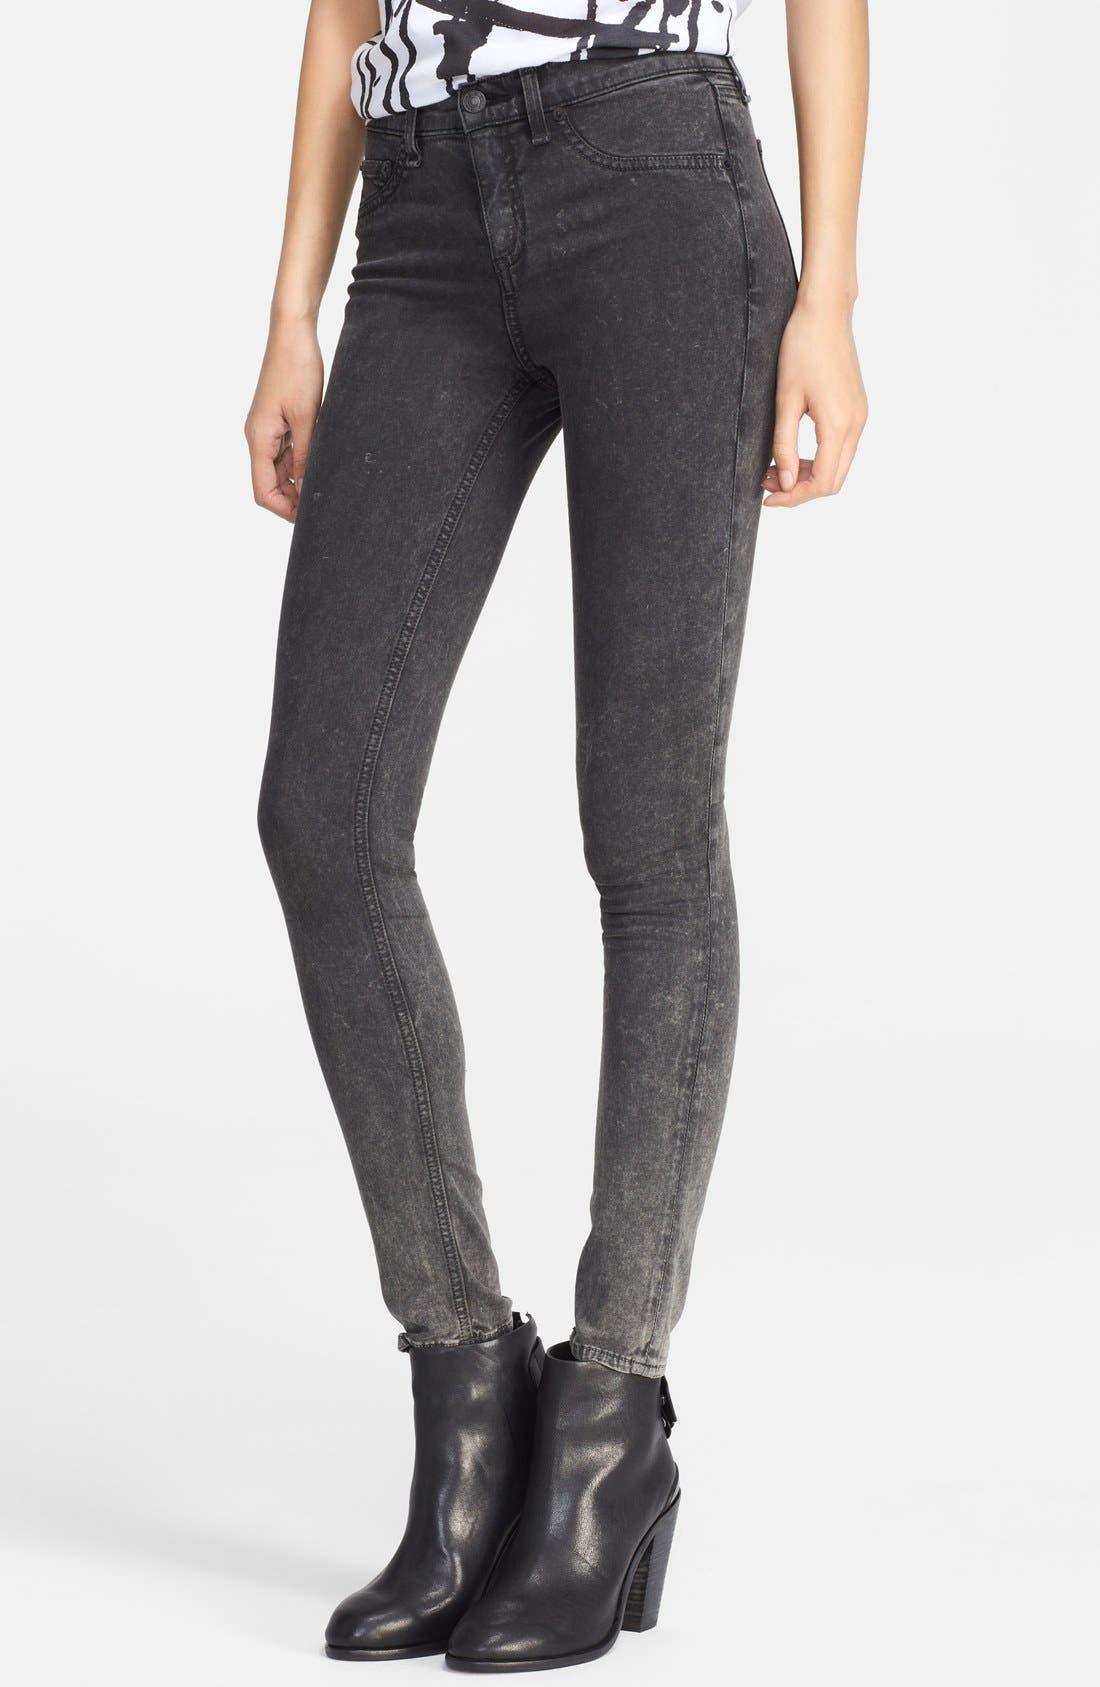 Main Image - rag & bone/JEAN 'Justine' High Rise Skinny Jeans (Rosebowl Black)